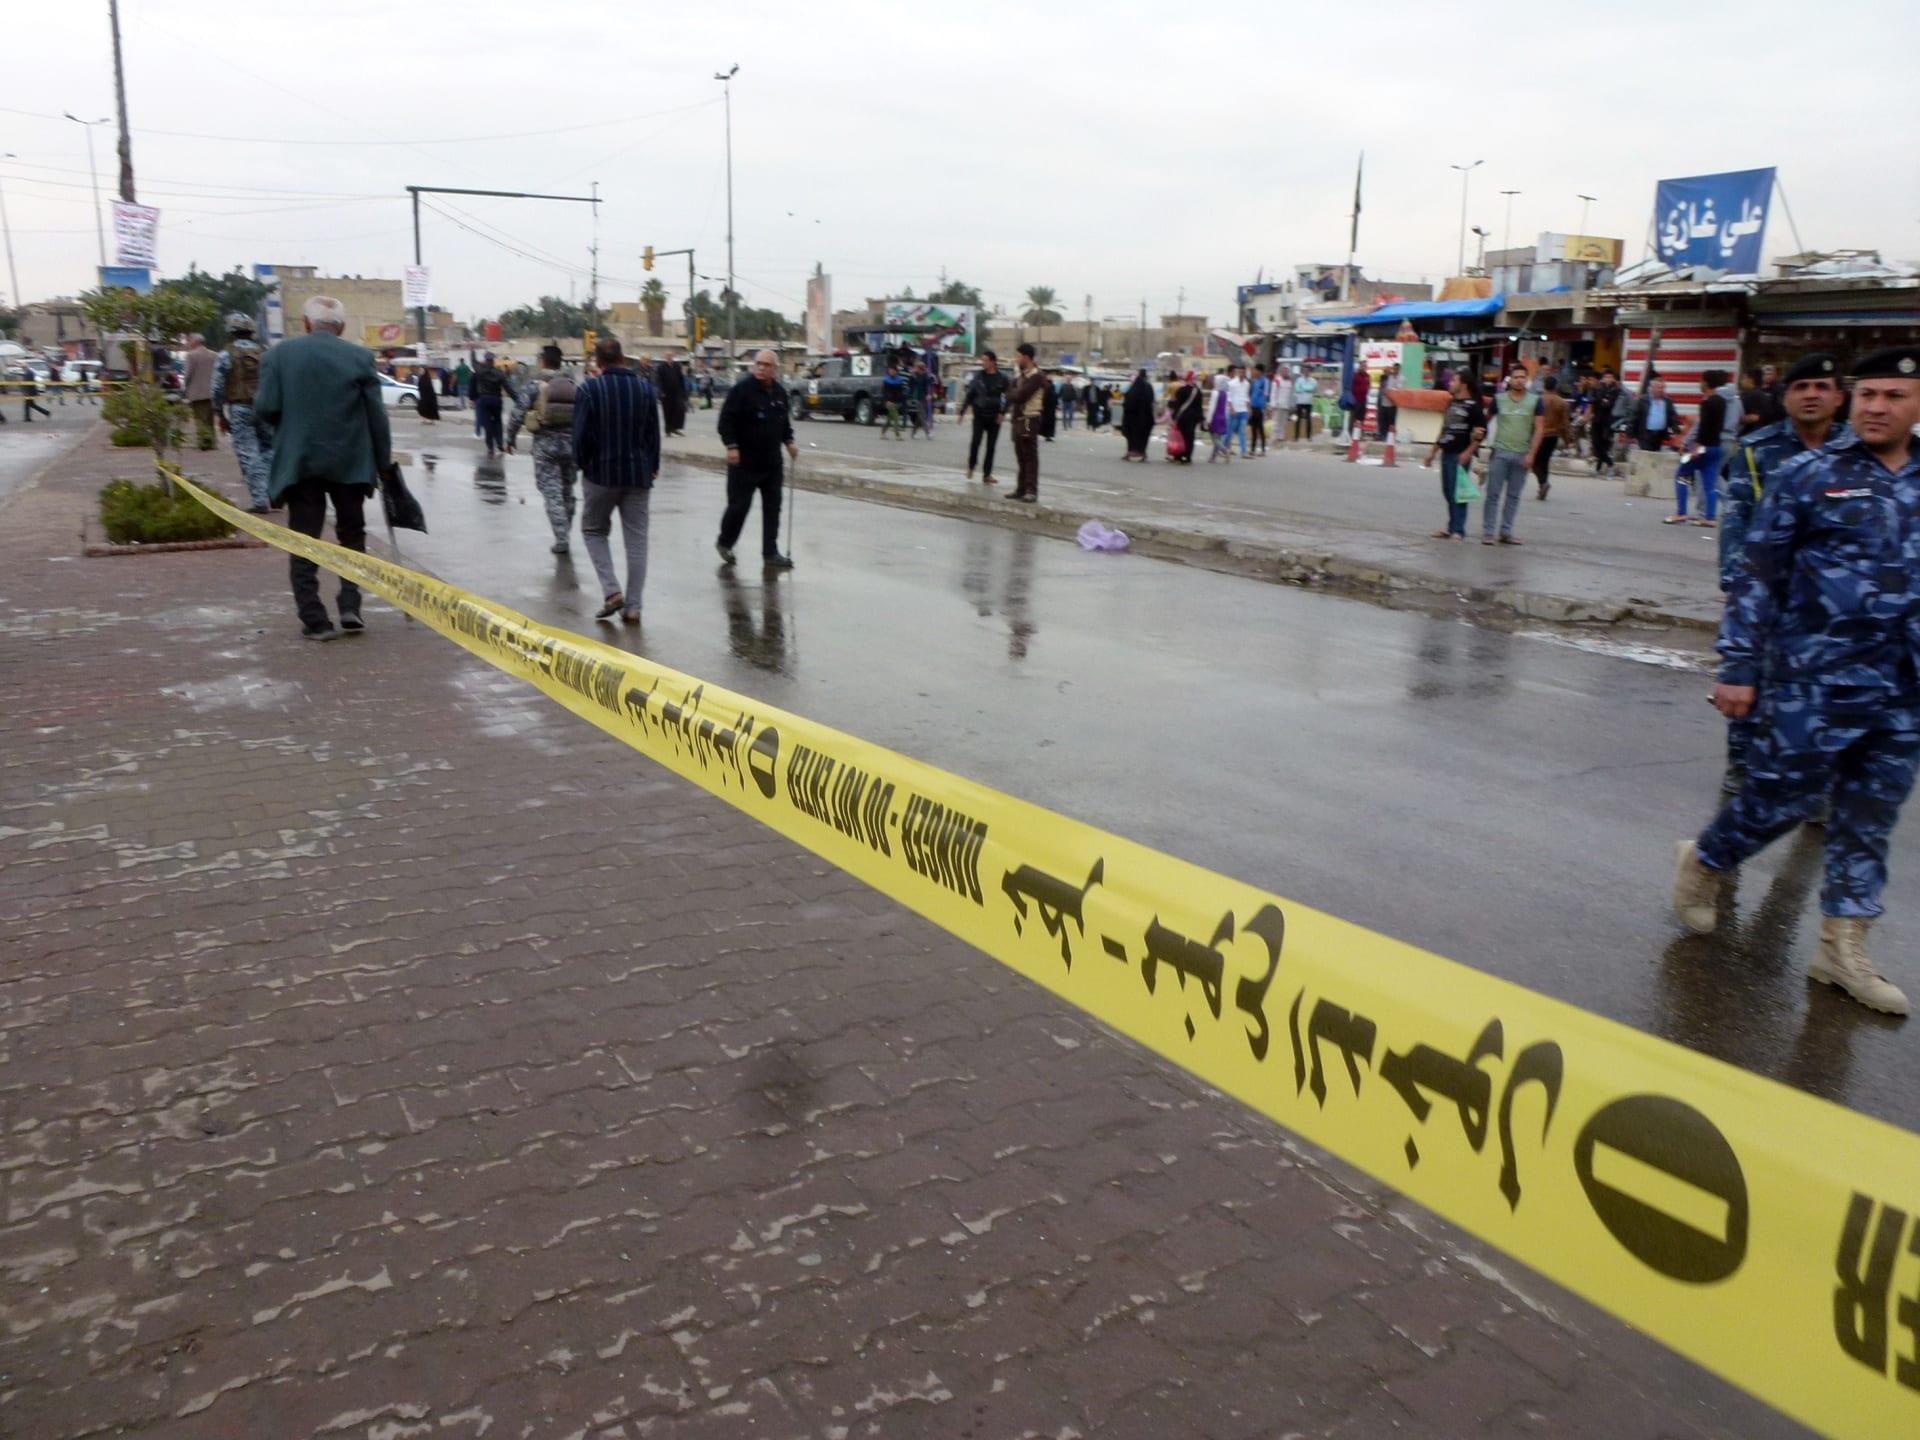 تفجيران انتحاريان يخلفان 12 قتيلا و44 جريحا في بغداد